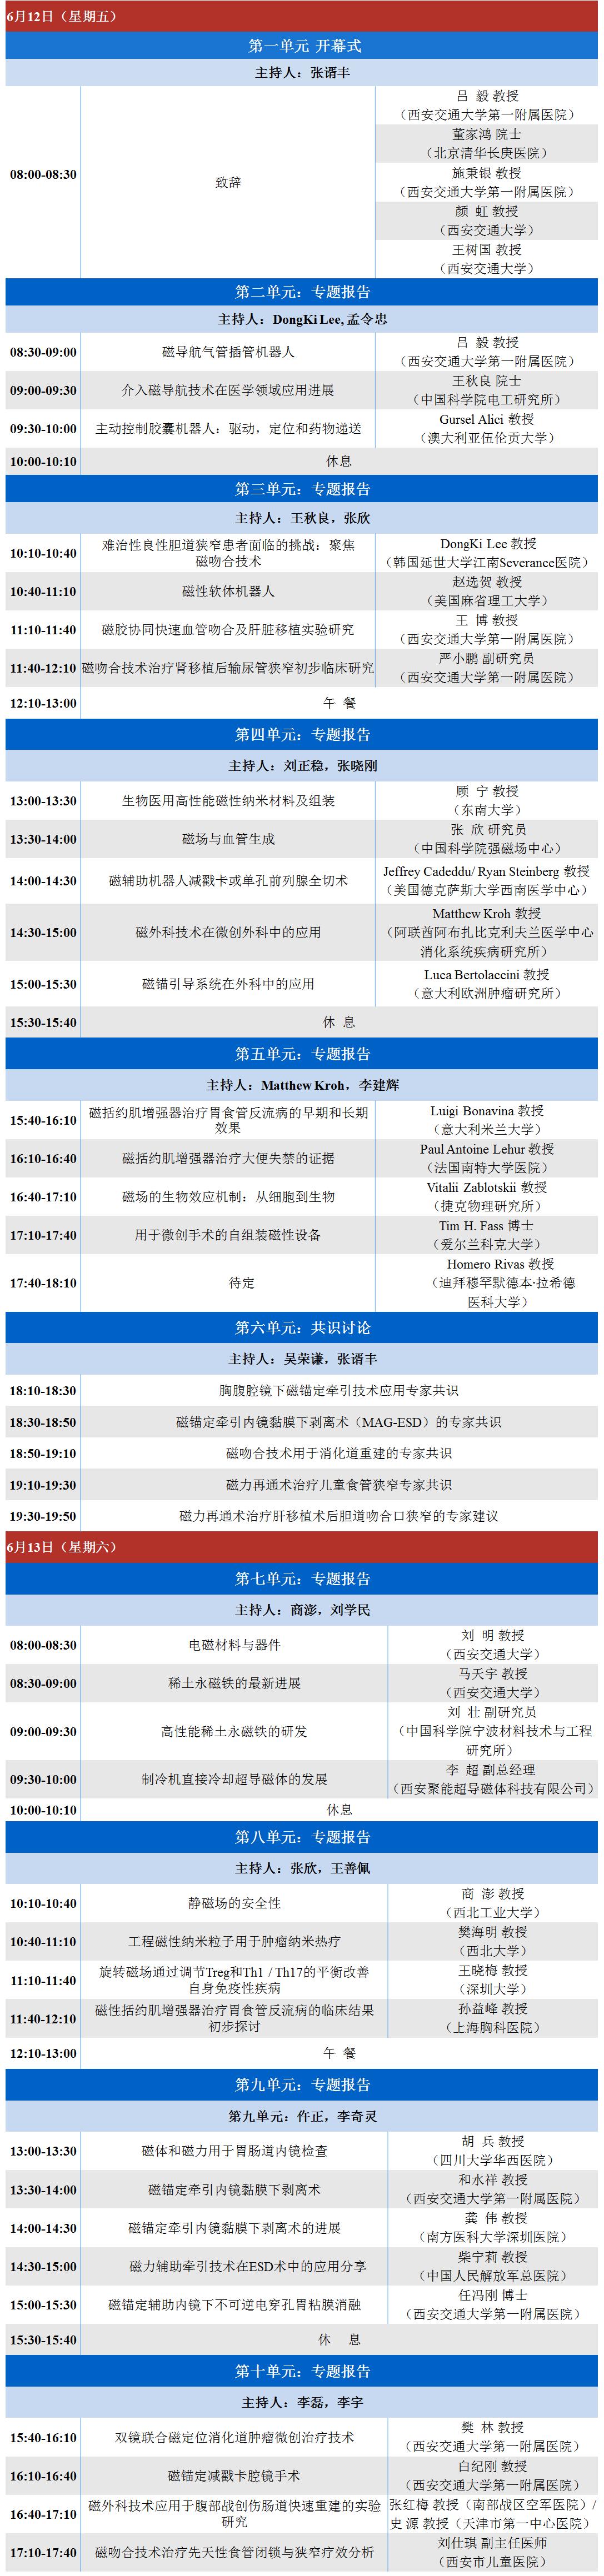 6 月 12 日-13 日直播预告|第三届国际磁外科大会邀您参与